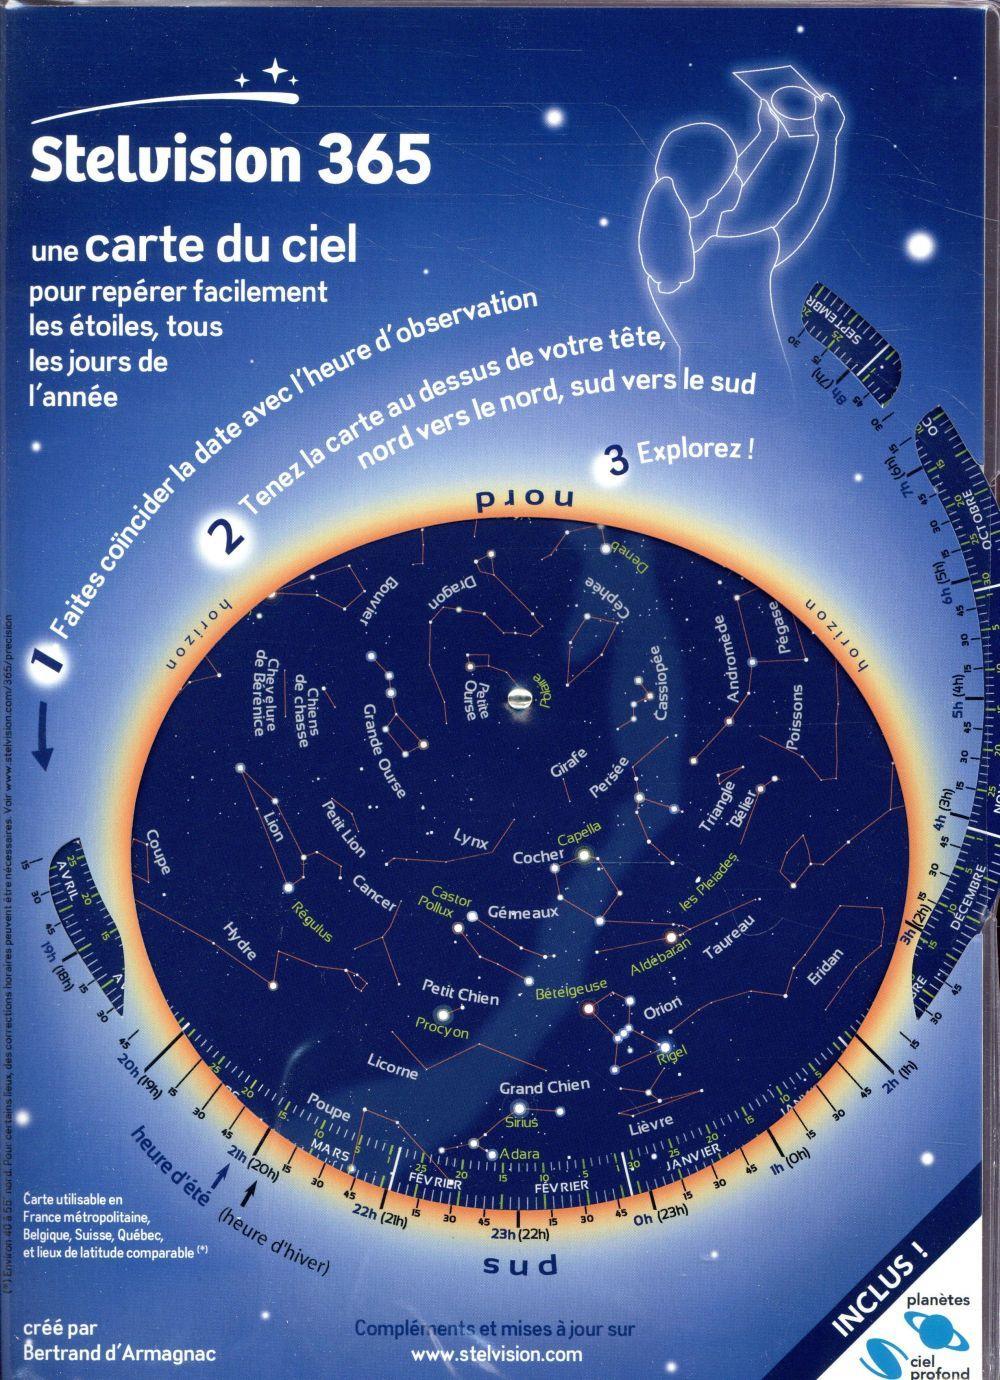 stelvision carte du ciel Stelvision 365 ; une carte du ciel pour repérer facilement les